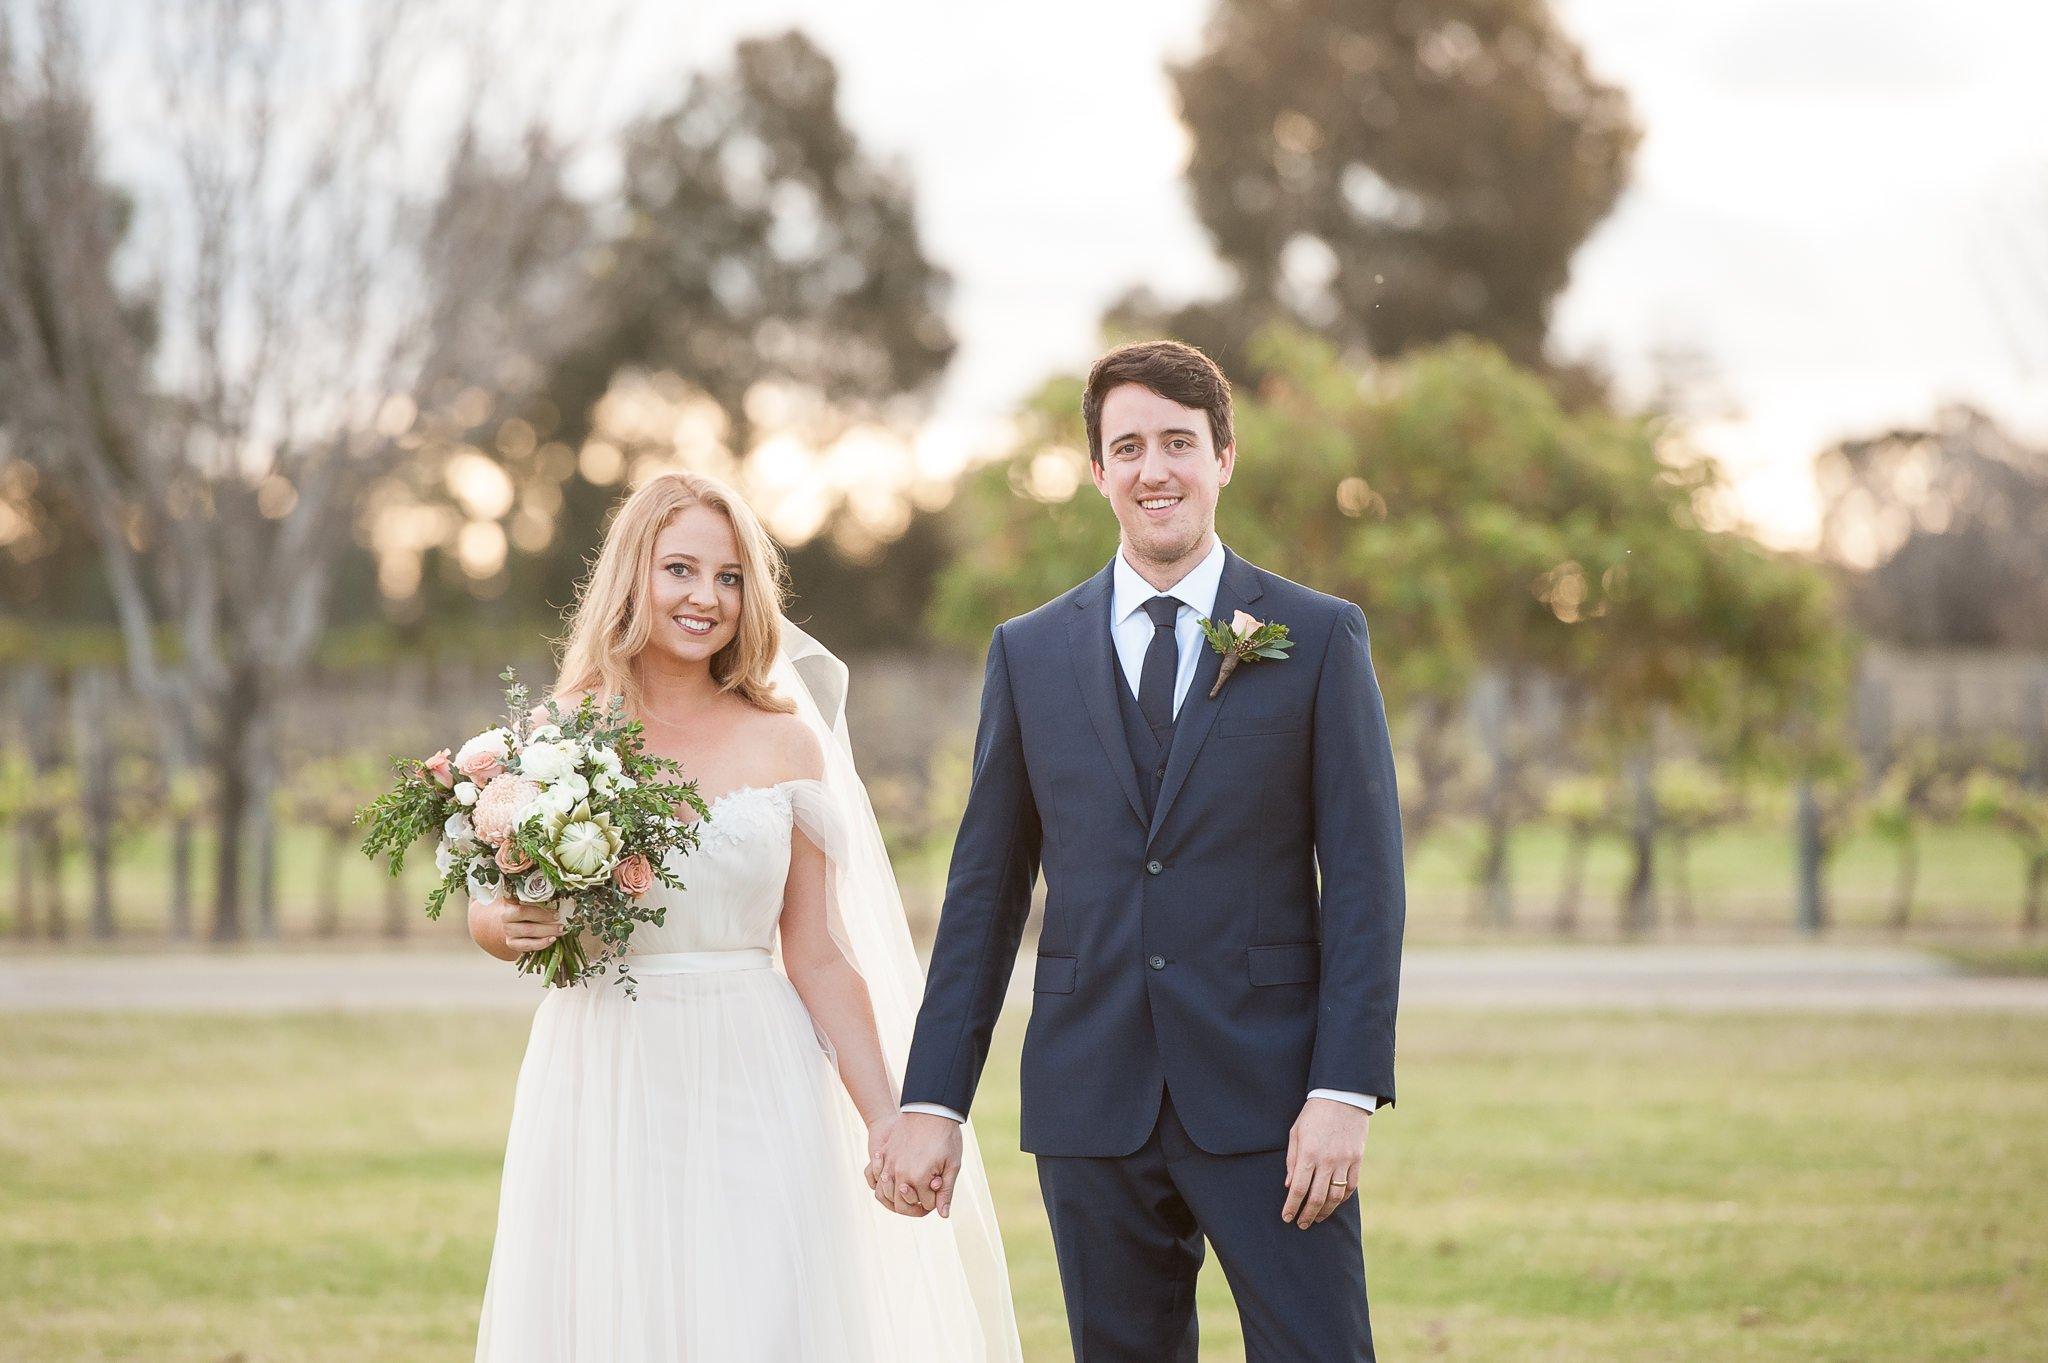 Bride and groom holding handsin soft light